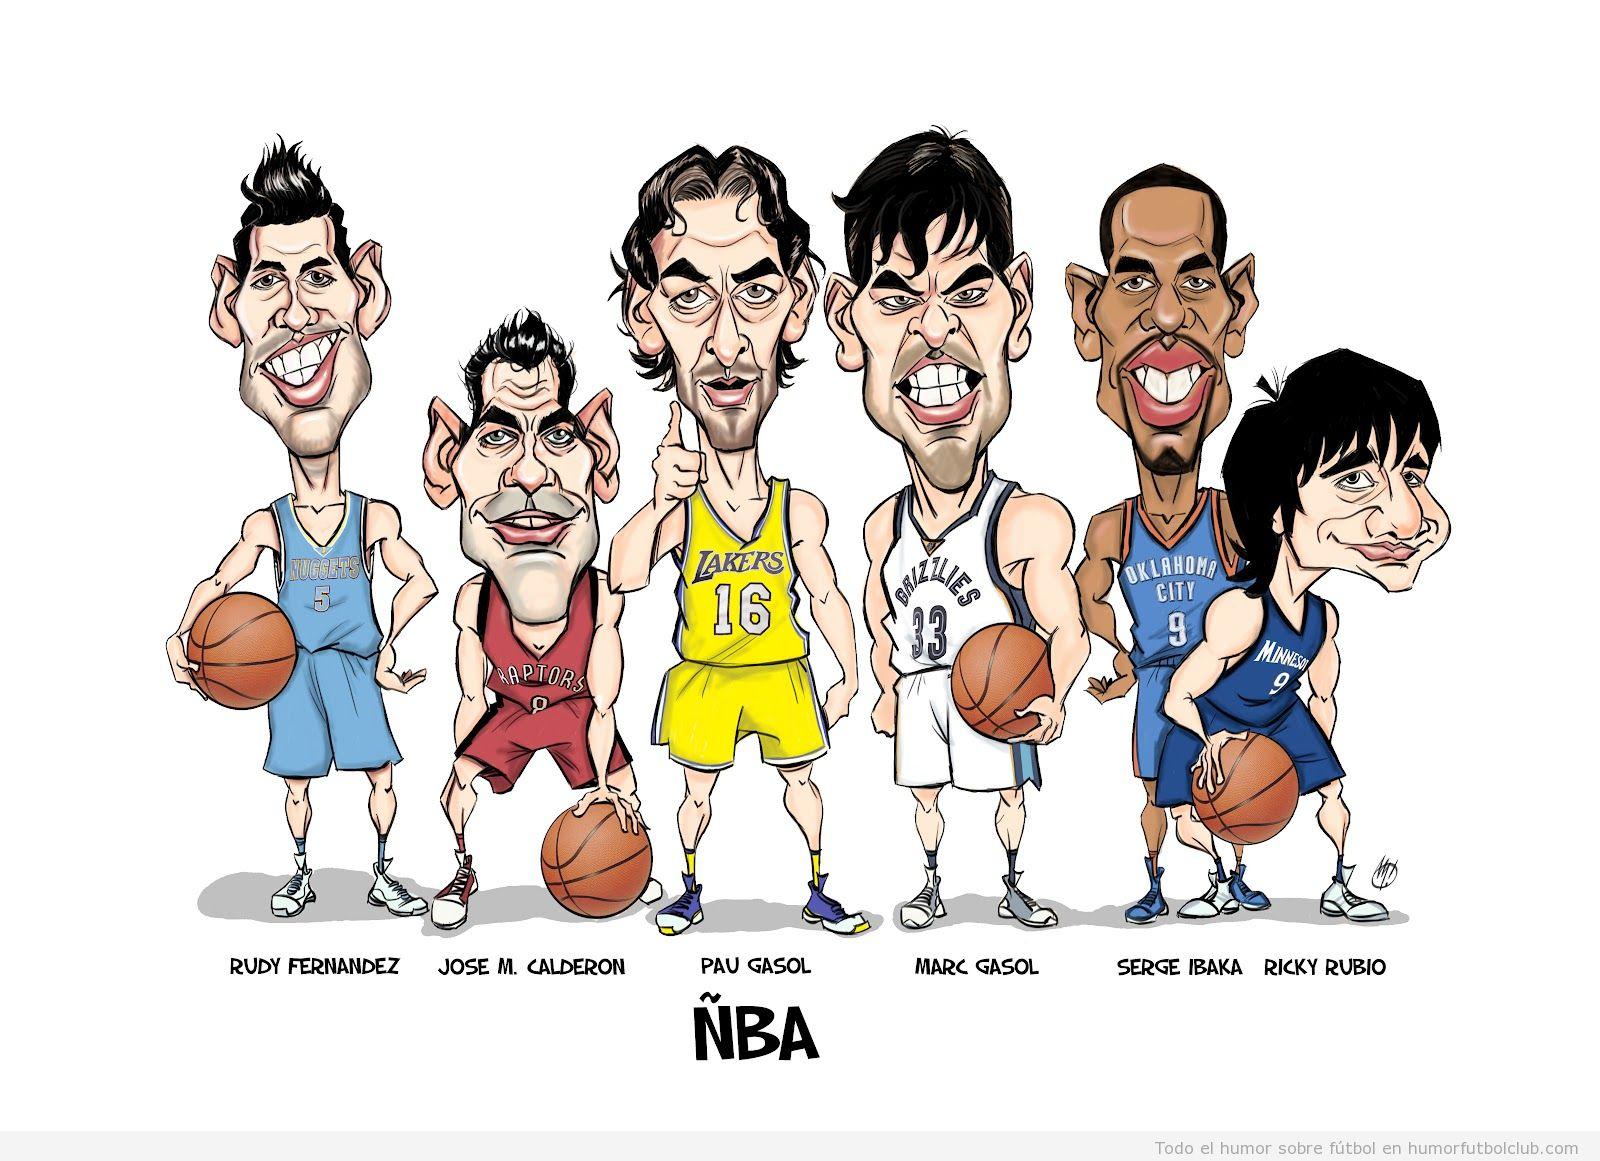 Caricatura de la ÑBA, los jugadores de basket Gasol, Calderon, Ricky Rubio, Rudy, Ibaka que juegan en la NBA